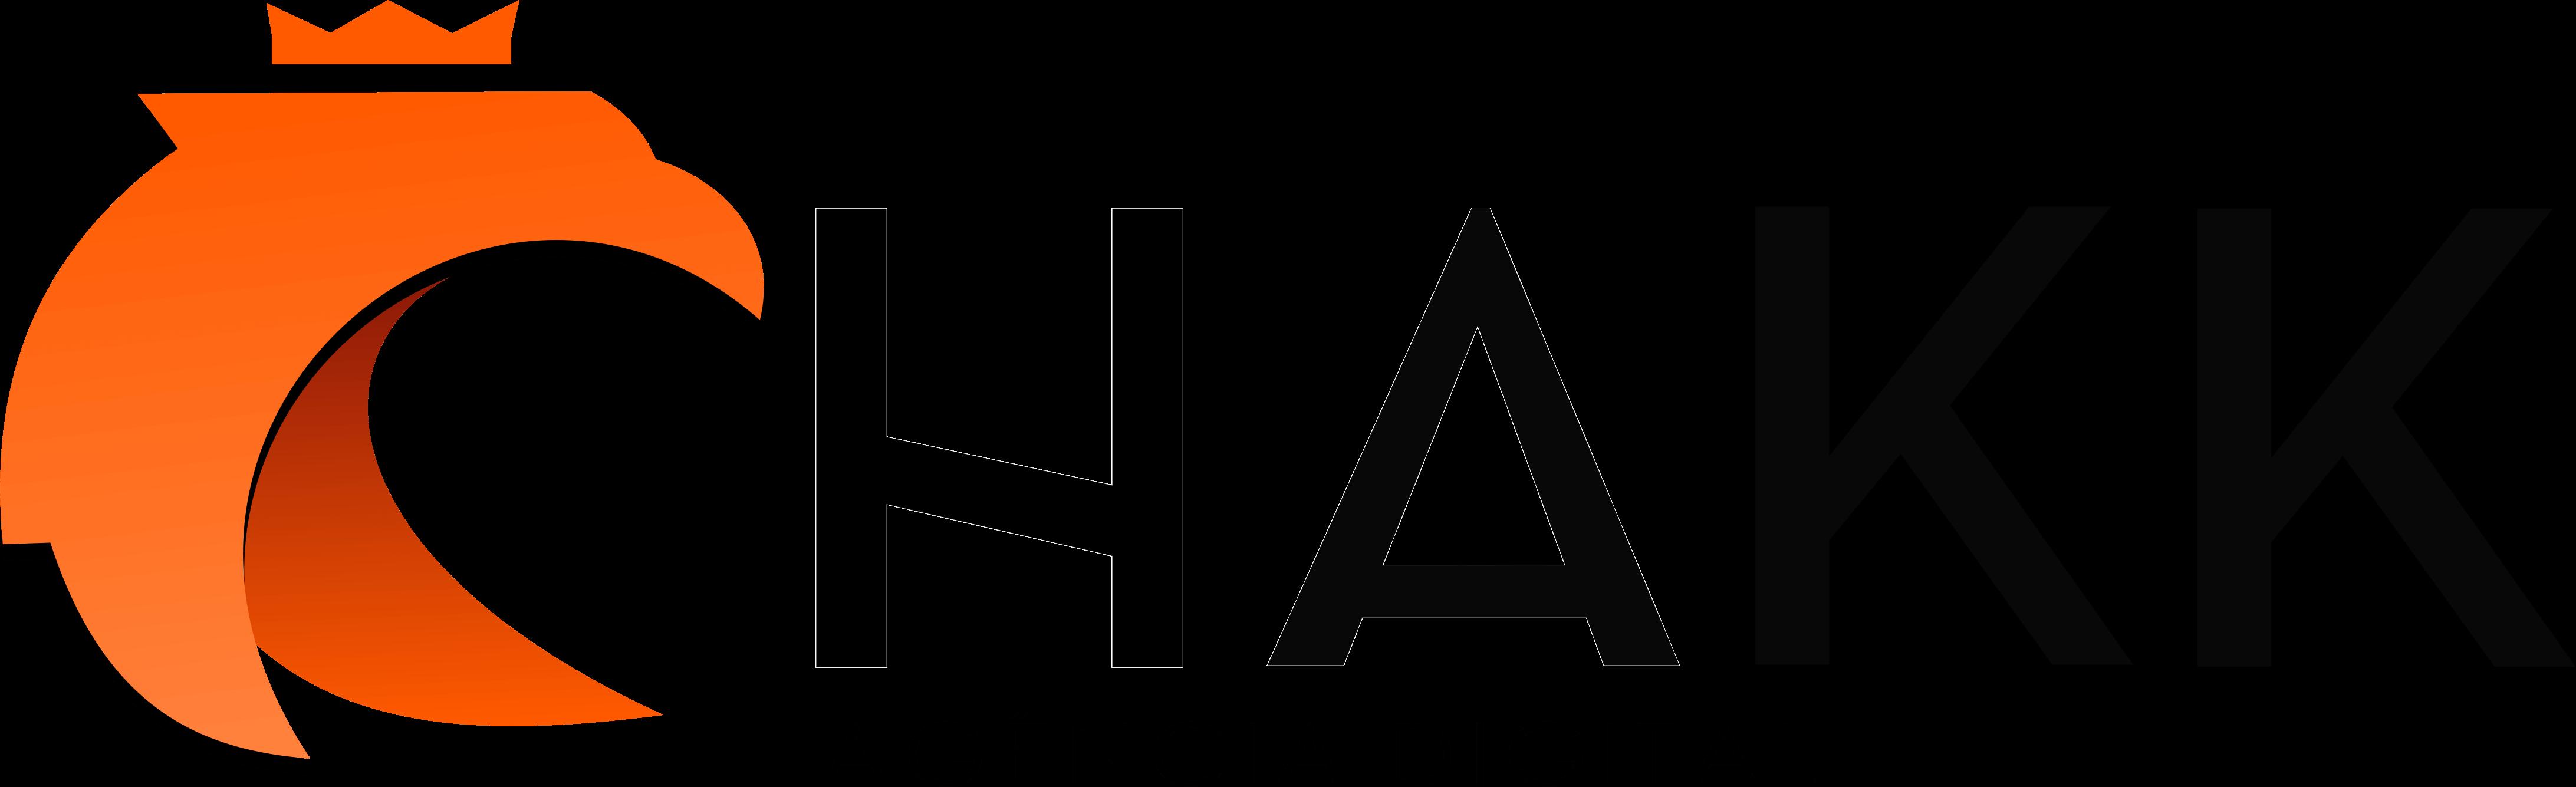 Criação de Sites em Maceió/AL - HAKK Agência - Softwares e SEO